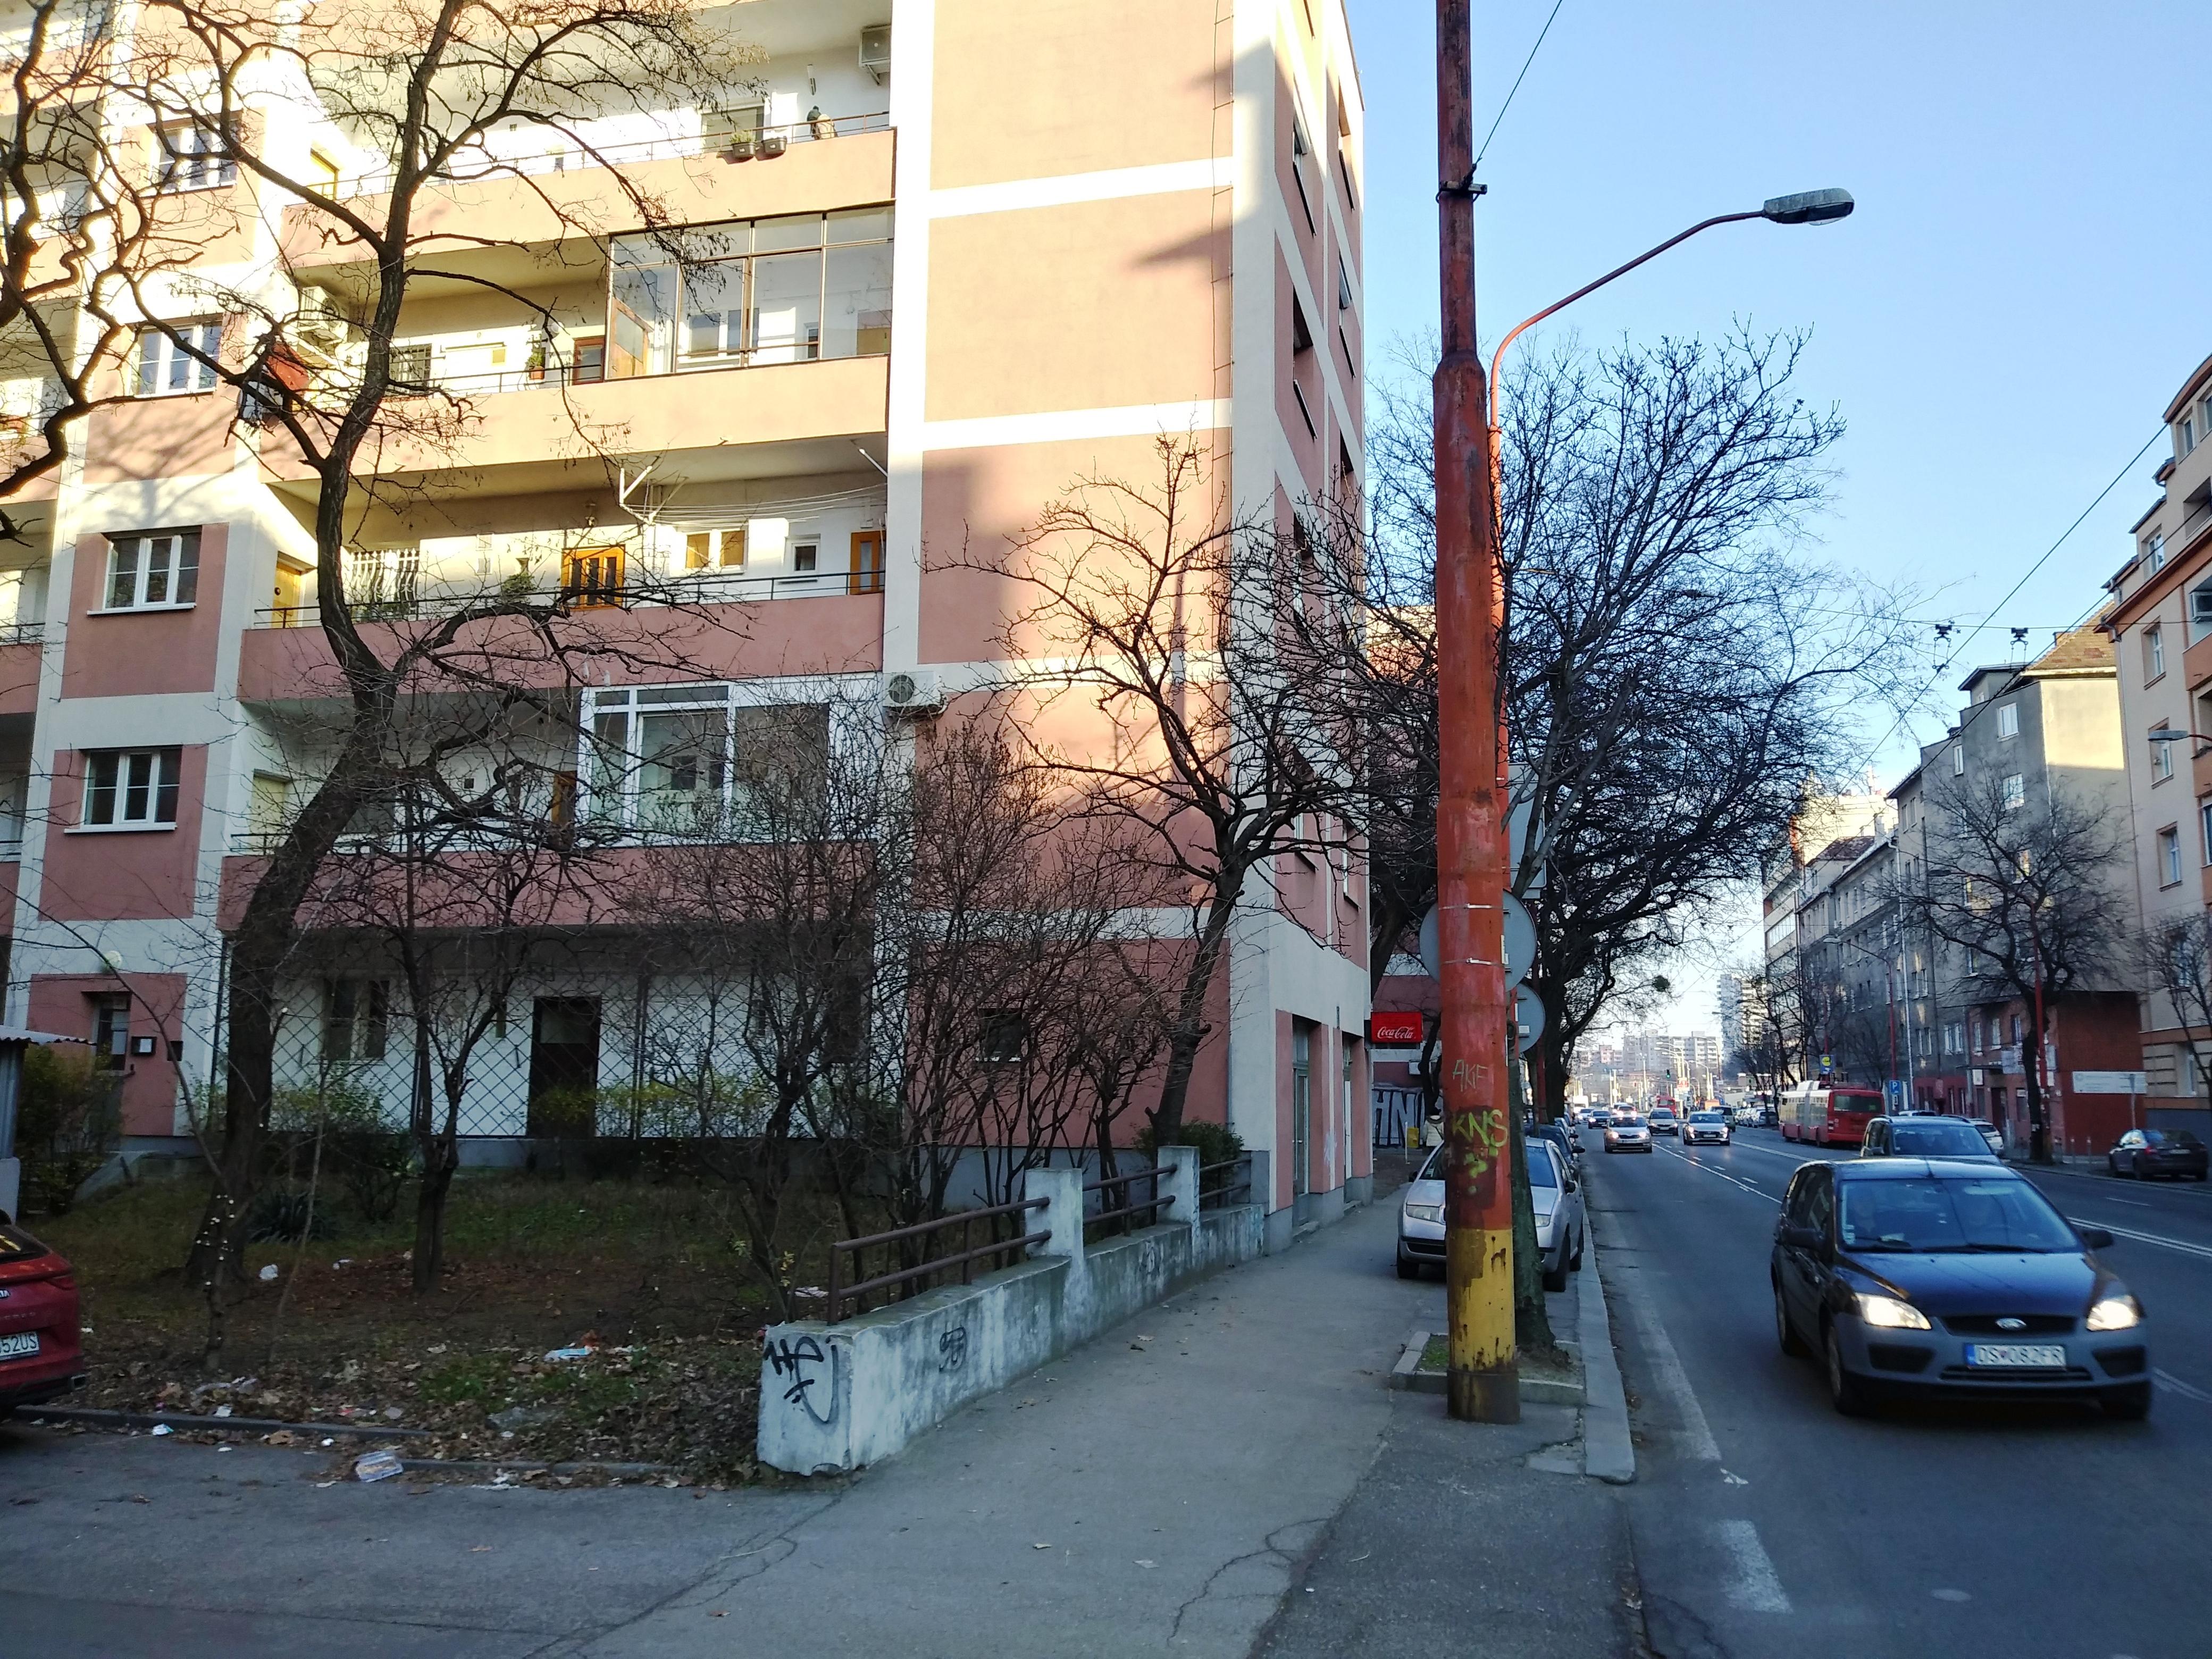 Prenajaté: Na prenájom exkluzívne 2 izb. byt, Staré mesto, Šancová ulica, Bratislava, 75m2, kompletne zariadený-10